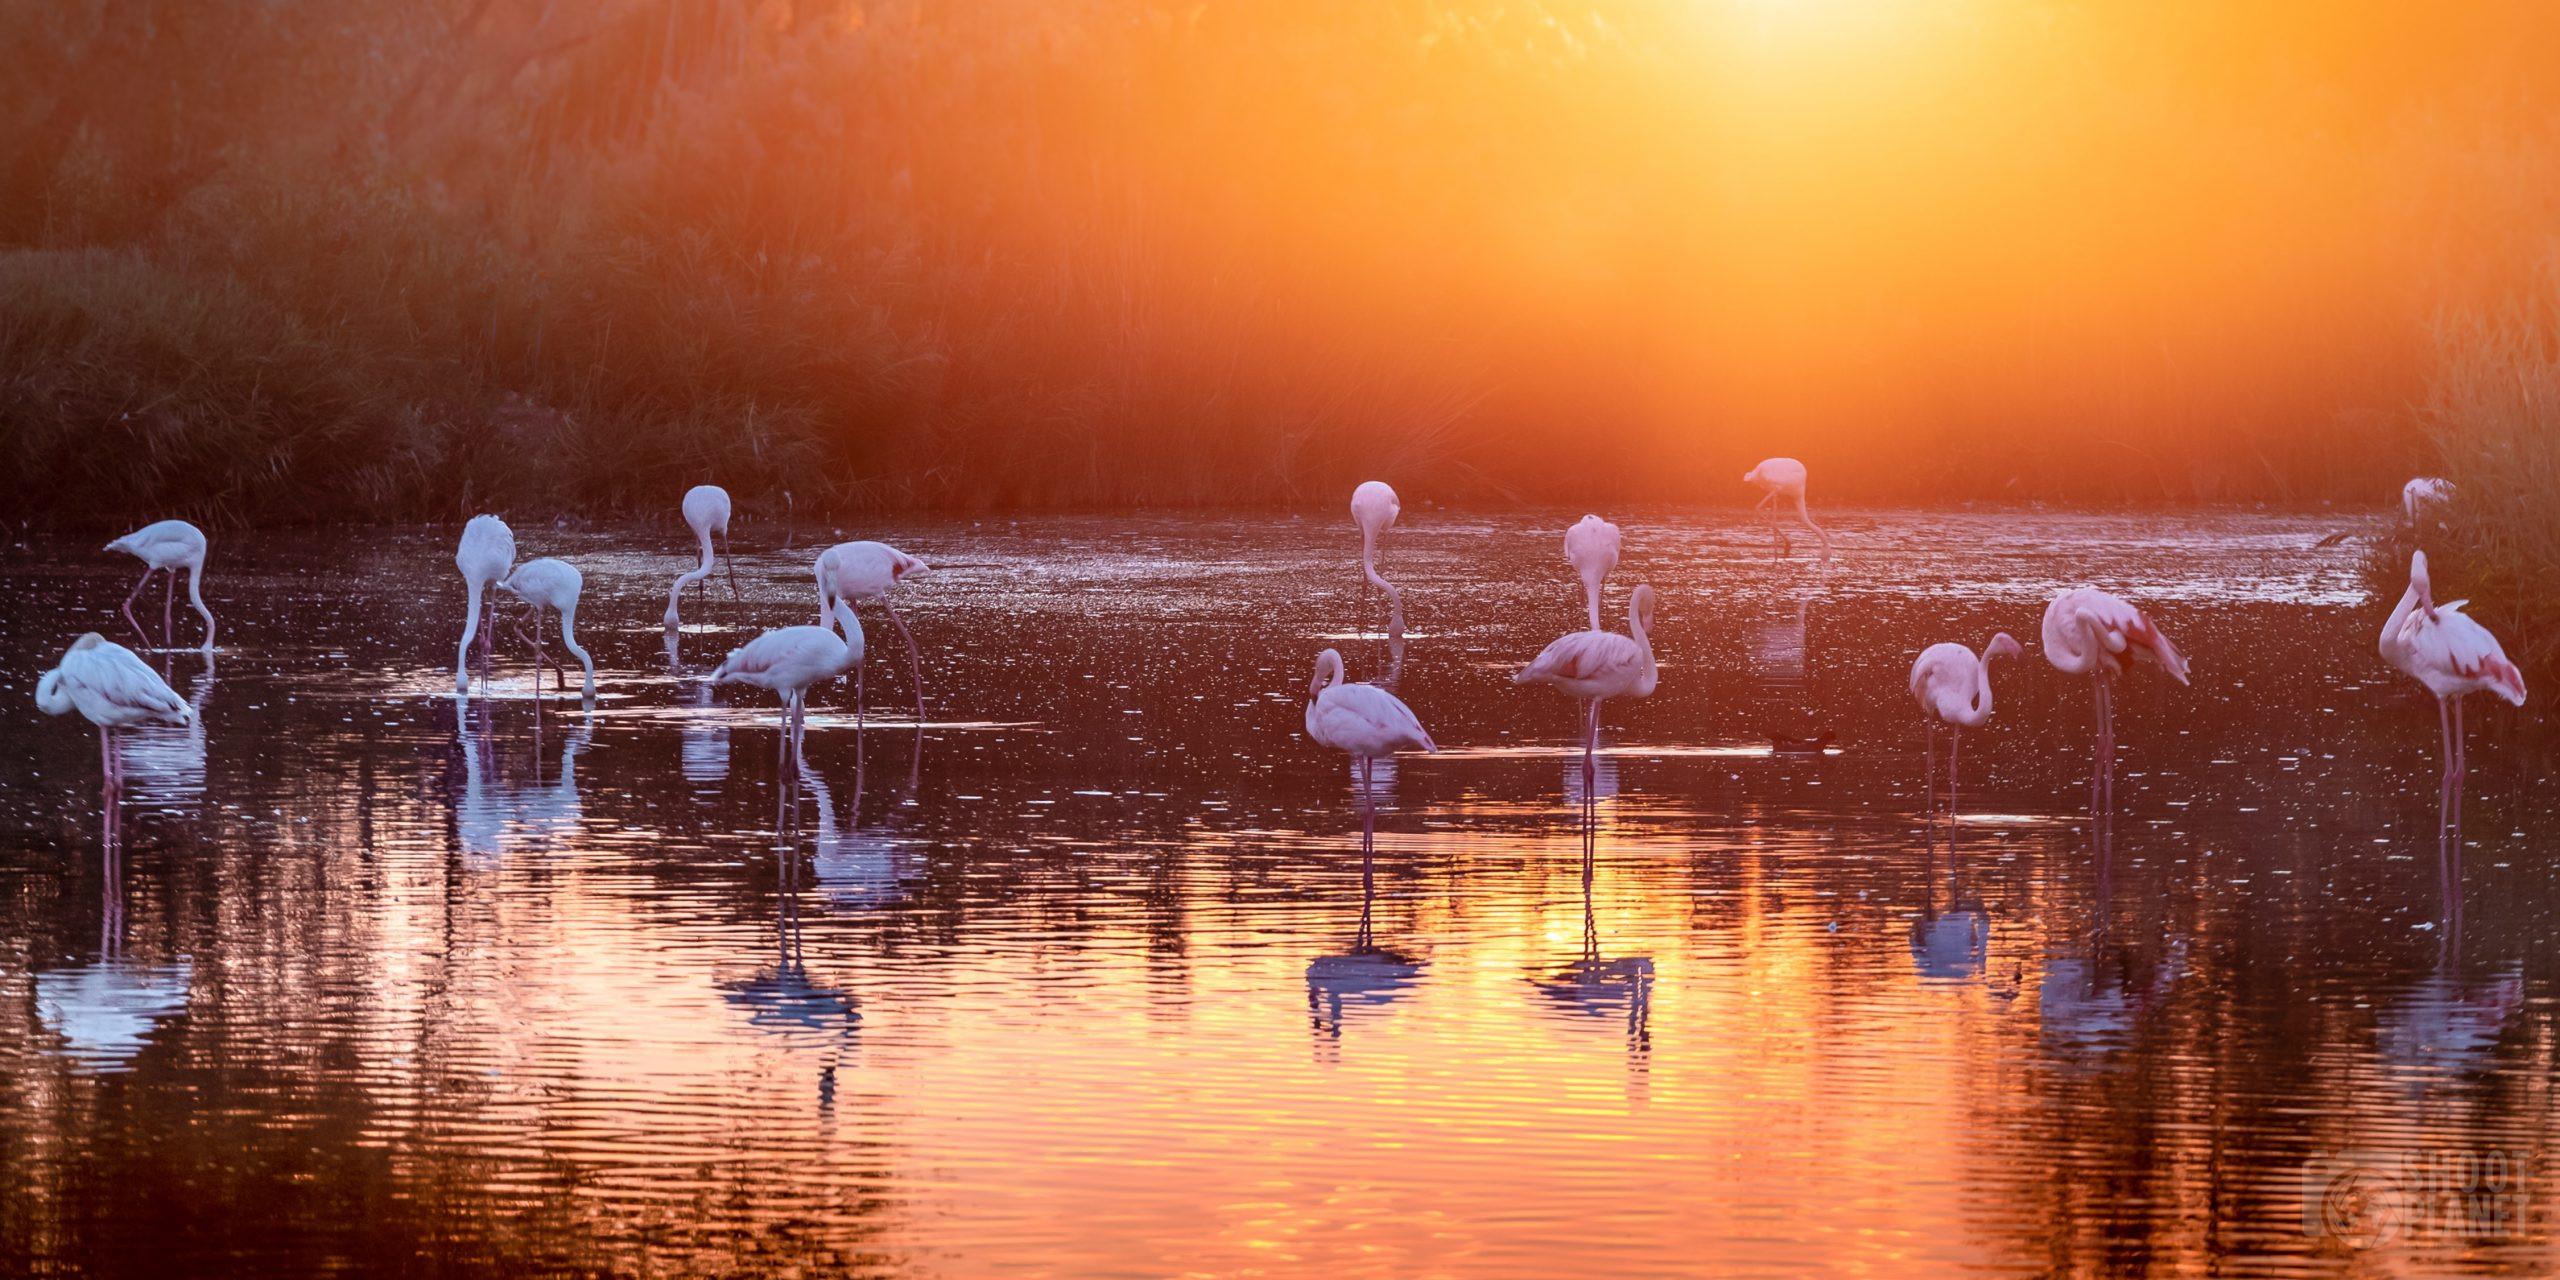 Flamingos sunset, Pont de Gau, Camargue France